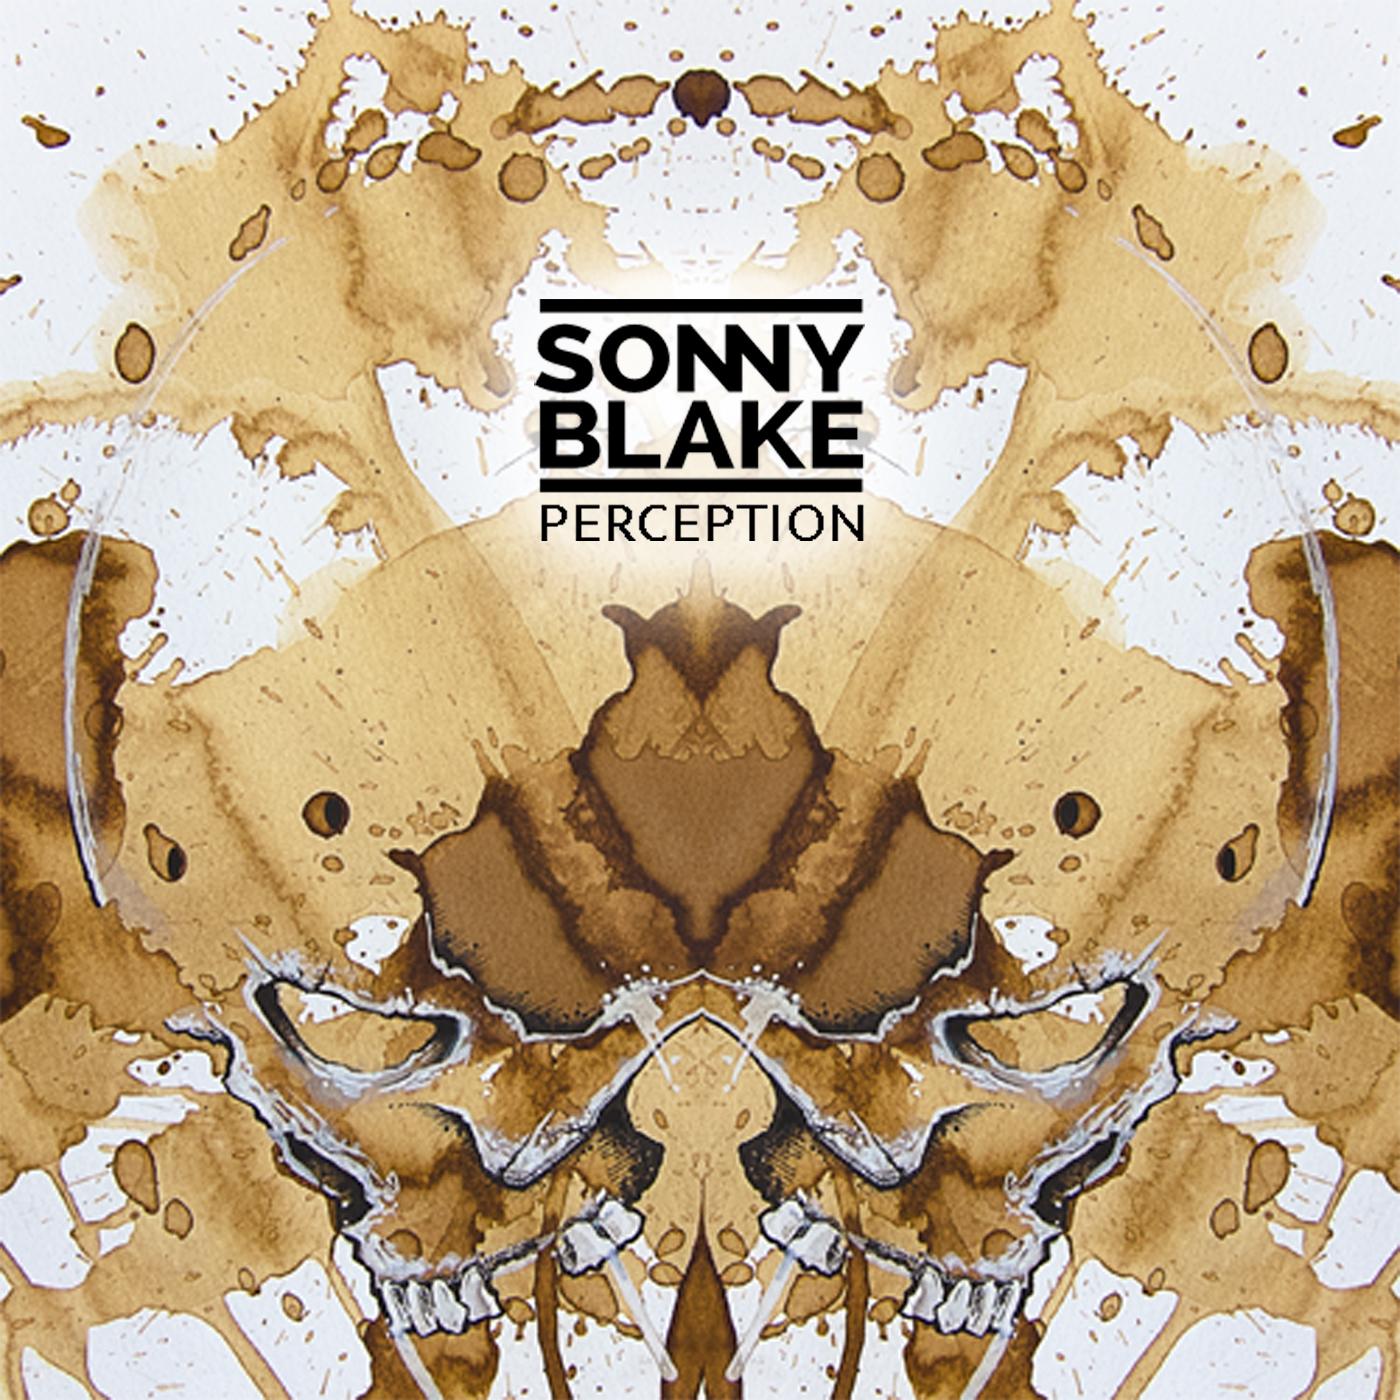 Sonny Blake - Perception EP